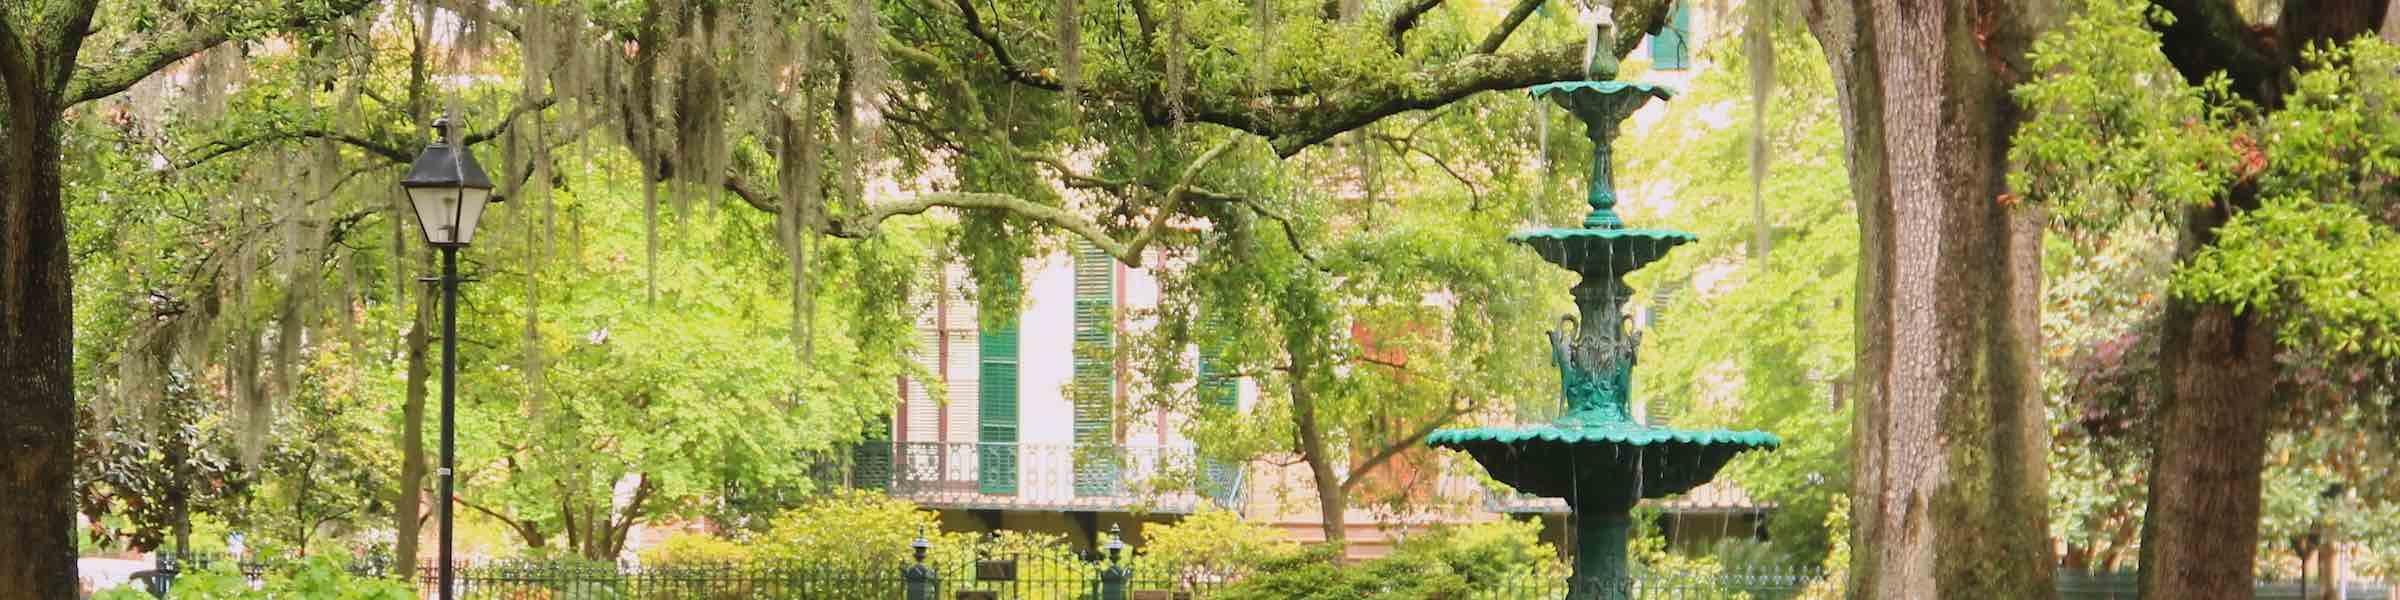 The fountain in Lafayette Square, Savannah, GA.